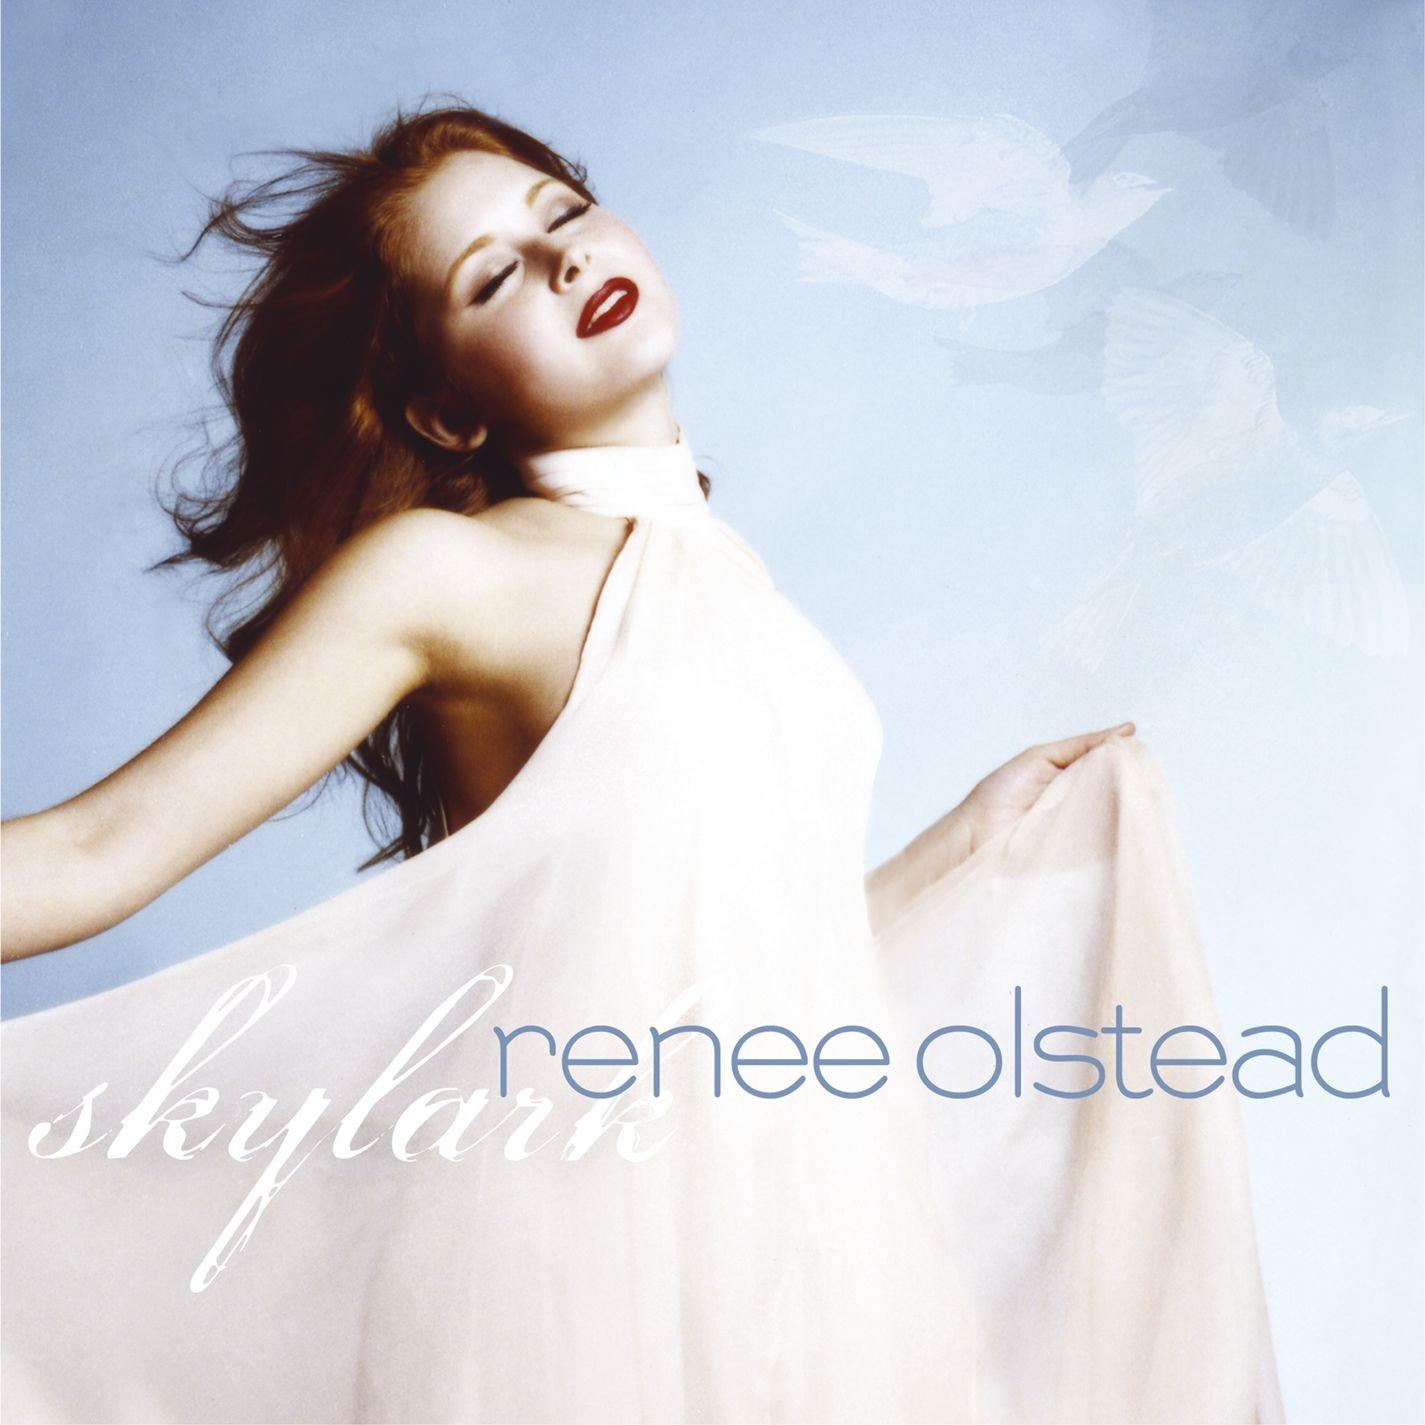 Renee olstead a love that will last lyrics